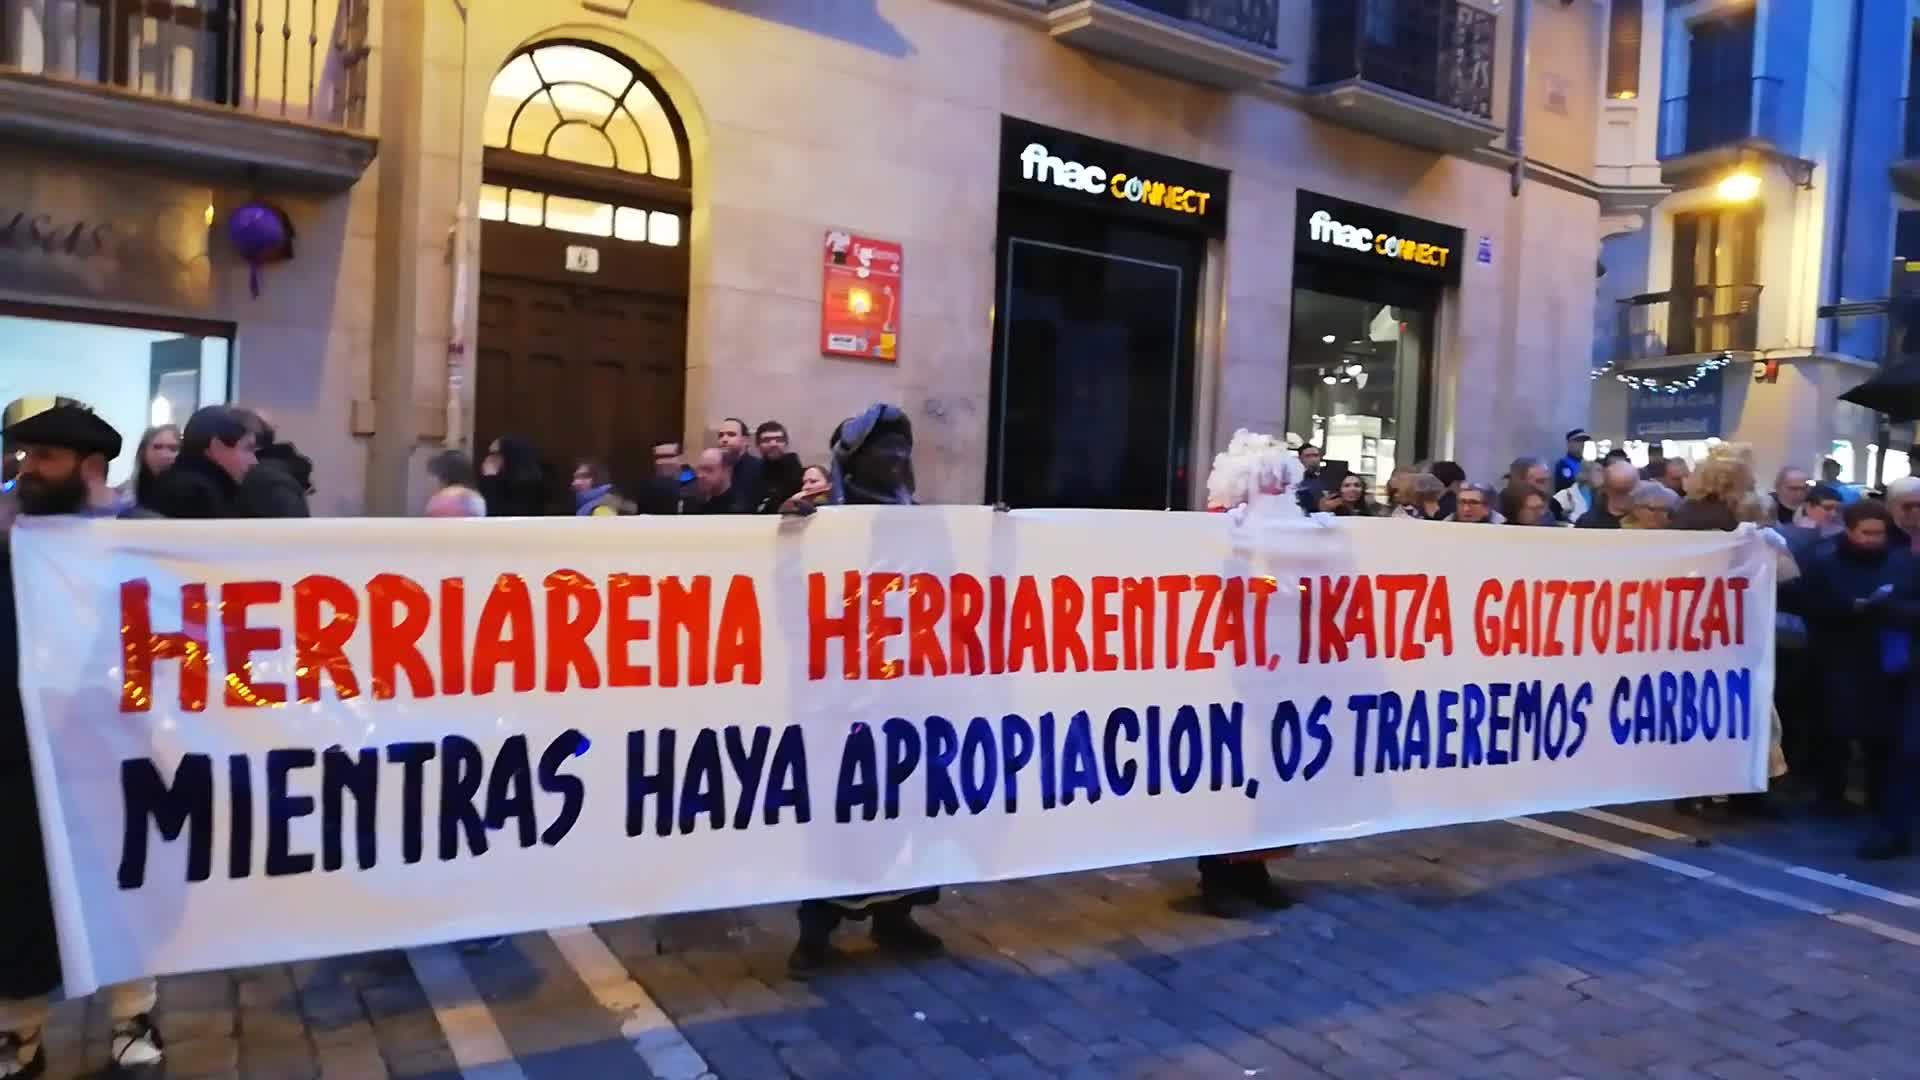 Protesta por la inmatriculación de bienes por parte de la Iglesia - Público TV